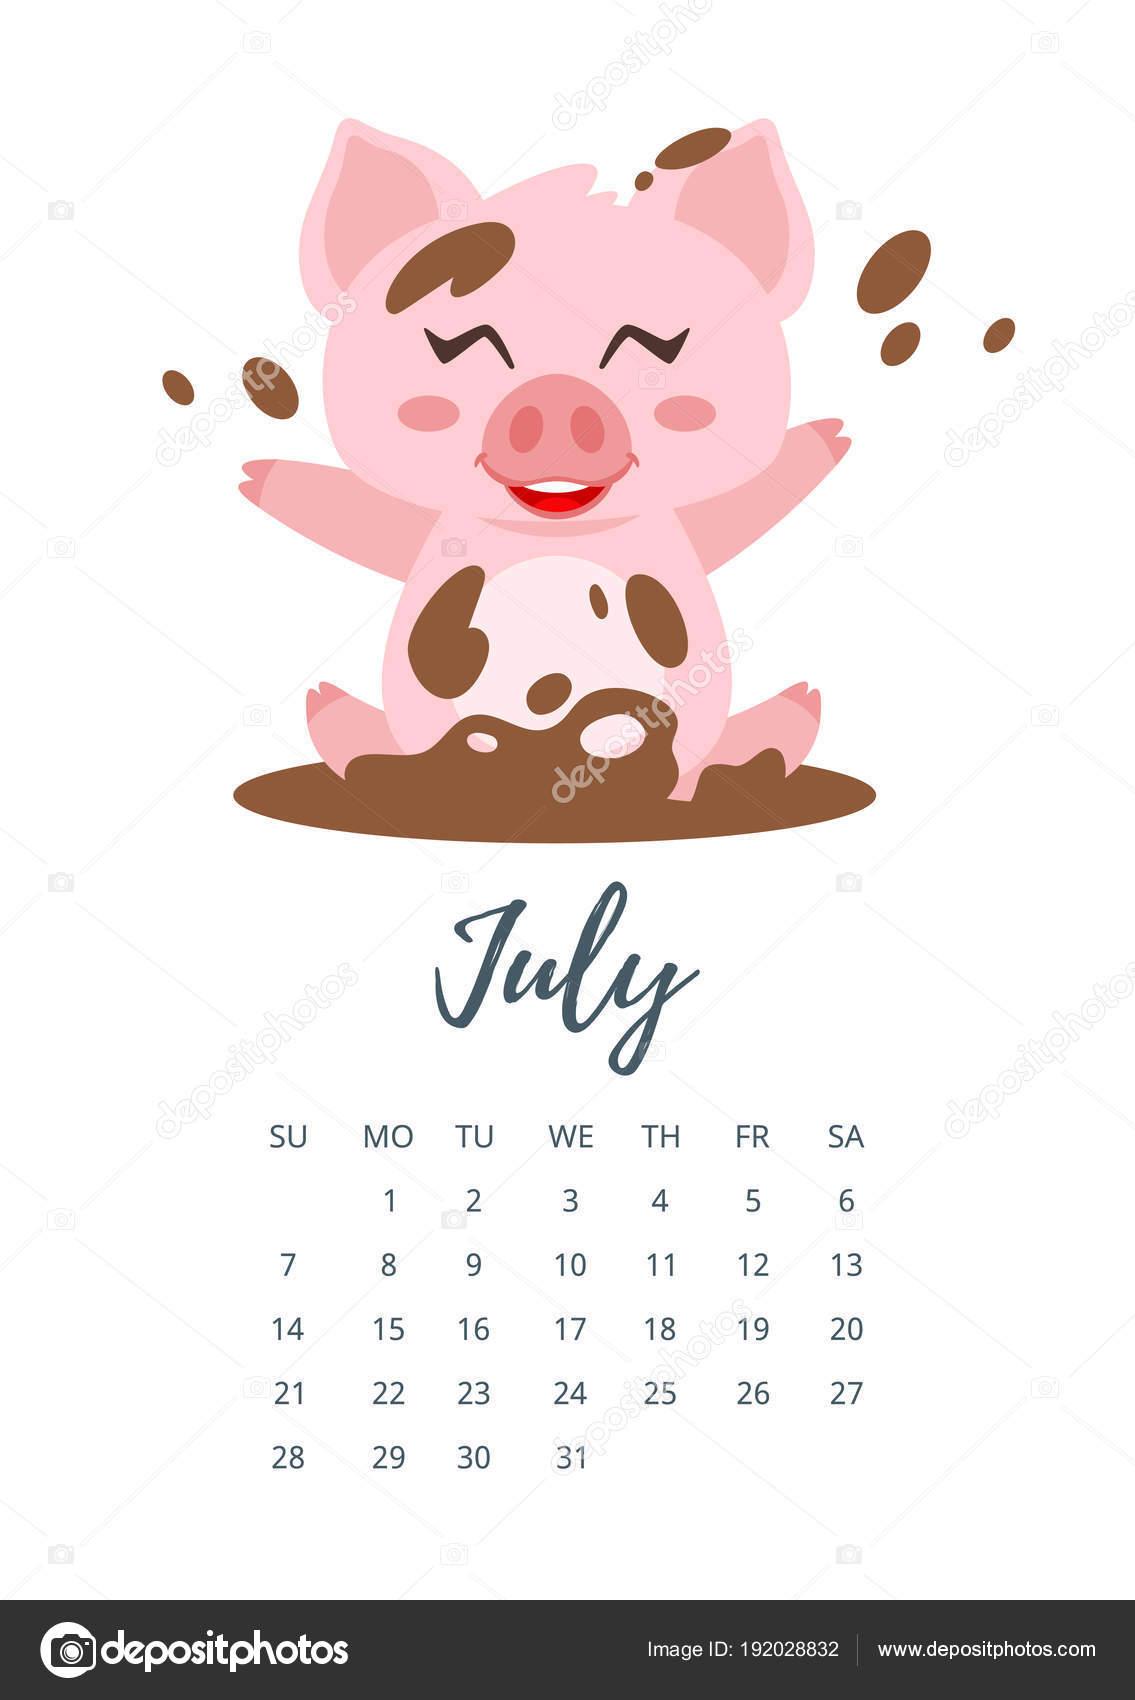 2019 július havi naptár Július 2019 évi naptár lapja — Stock Vektor © tkronalter9.gmail  2019 július havi naptár